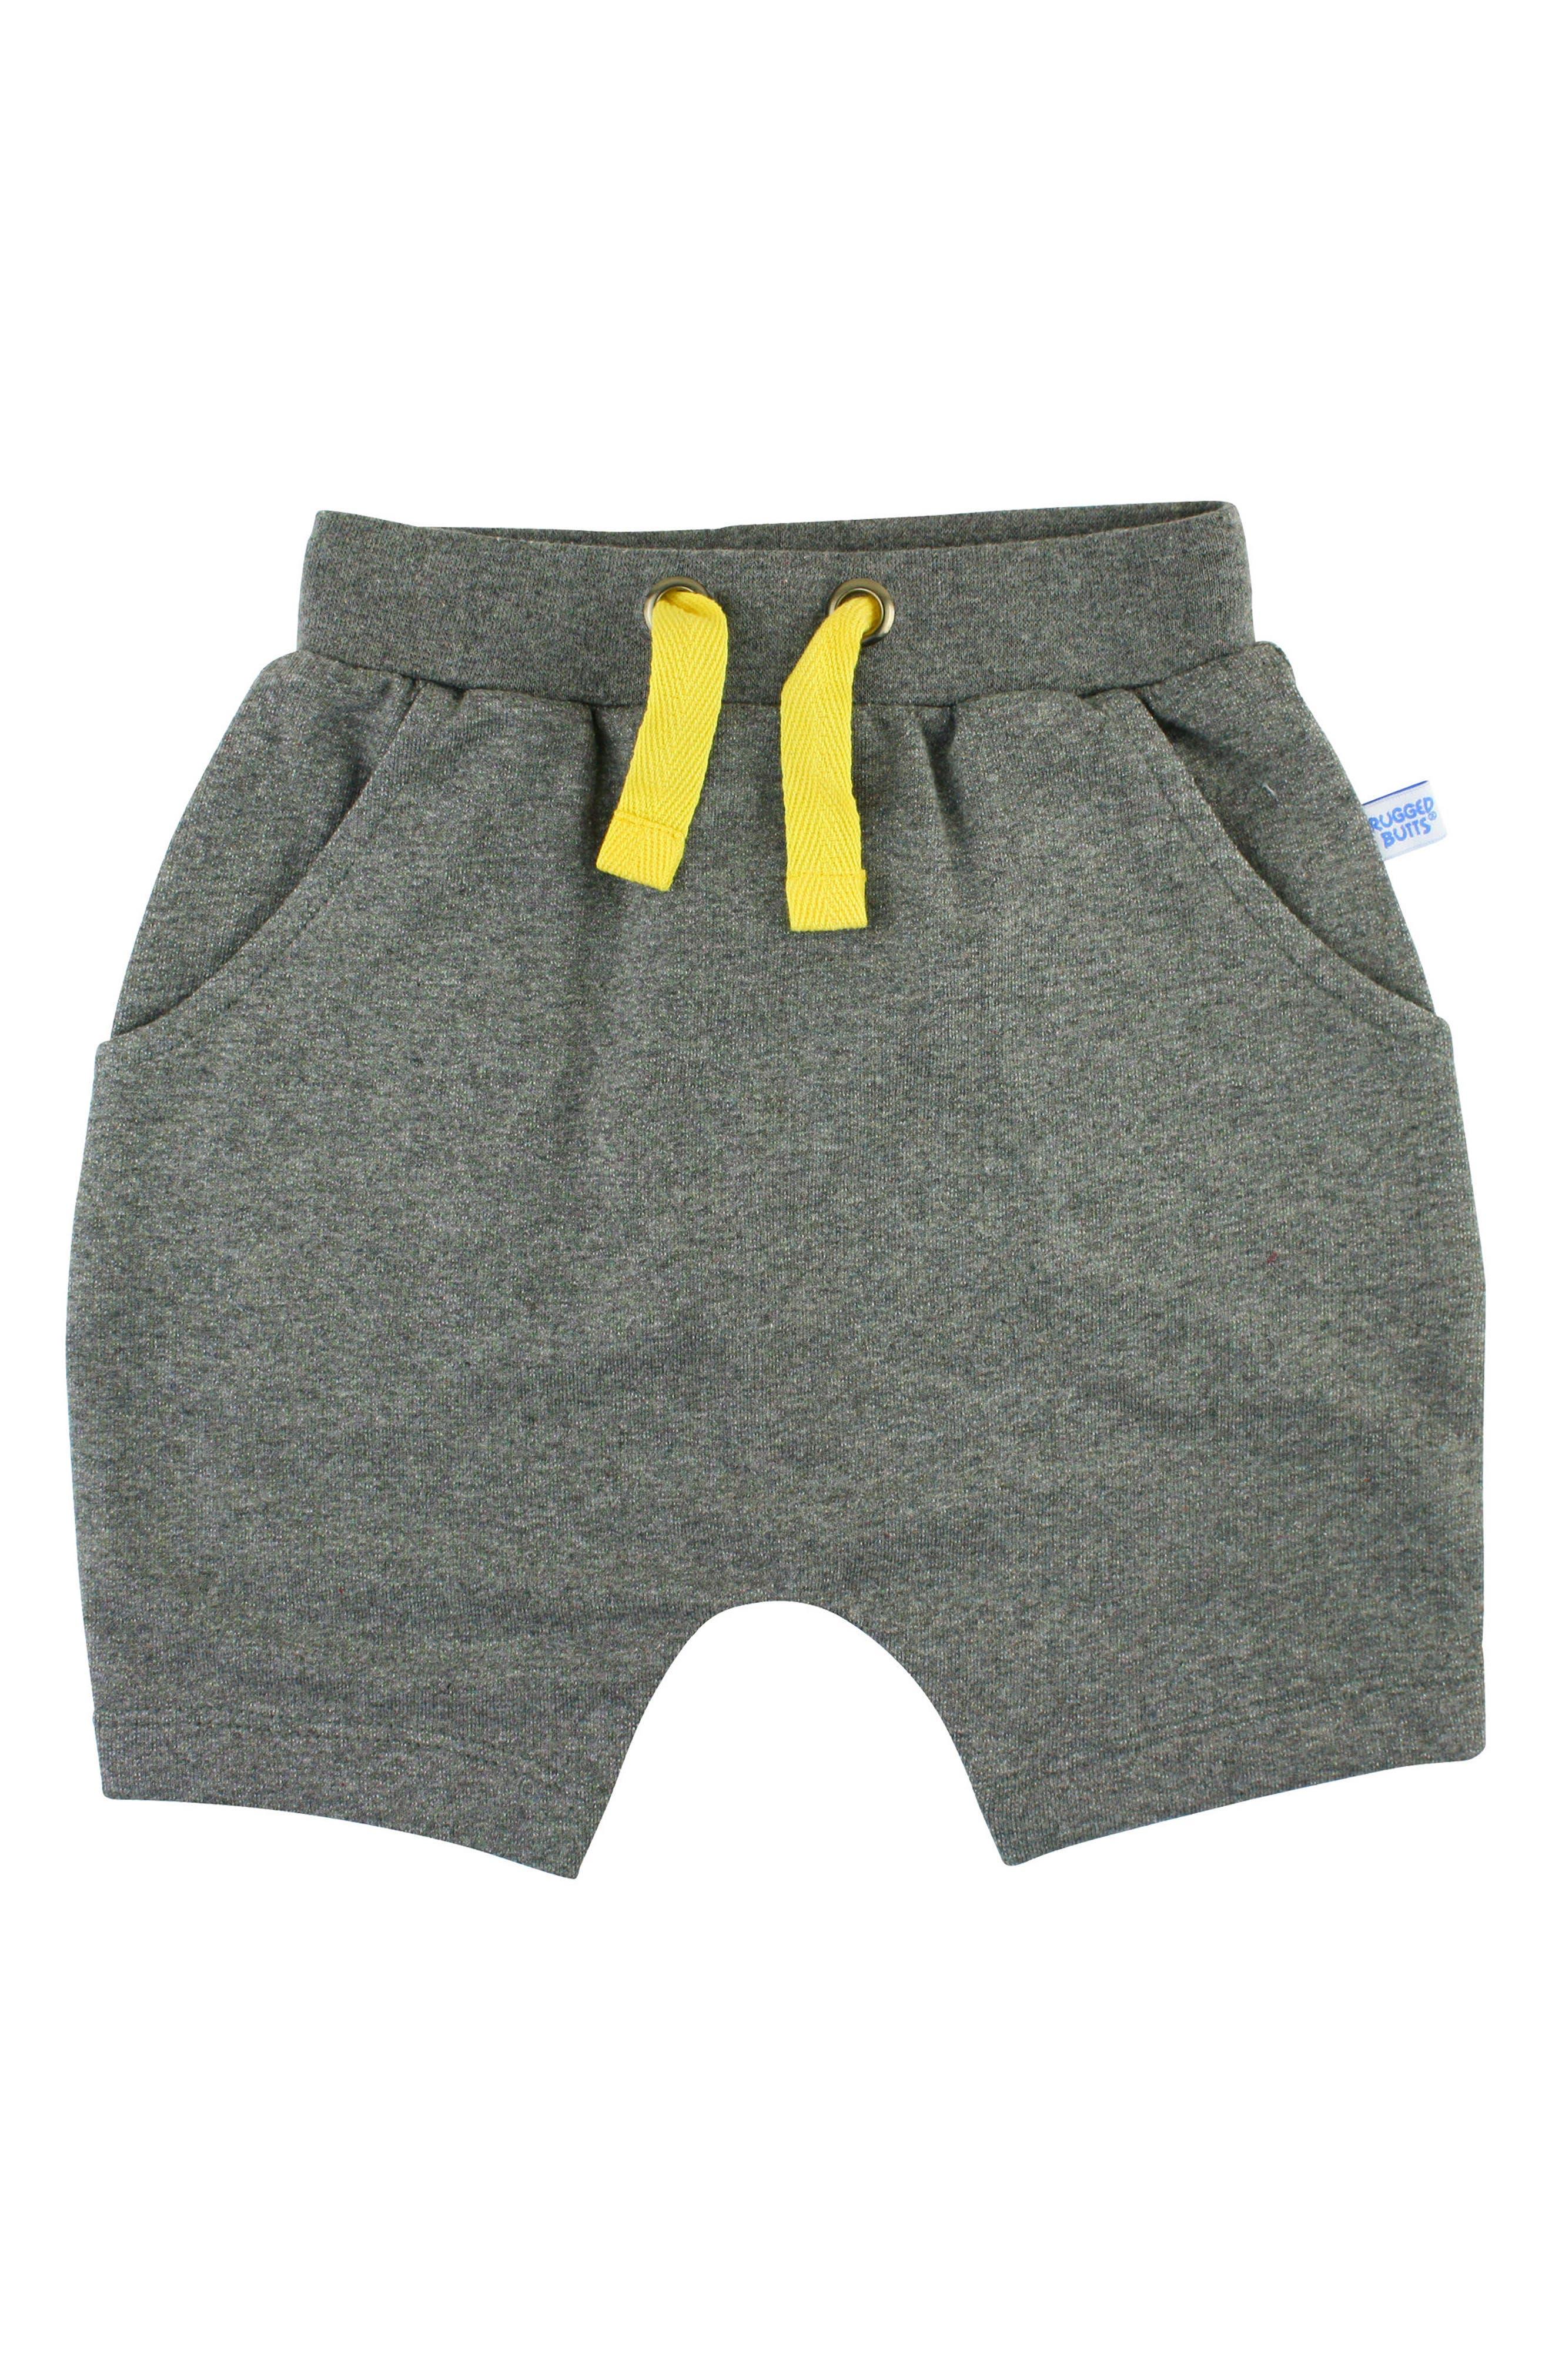 Jogger Shorts,                             Main thumbnail 1, color,                             GRAY